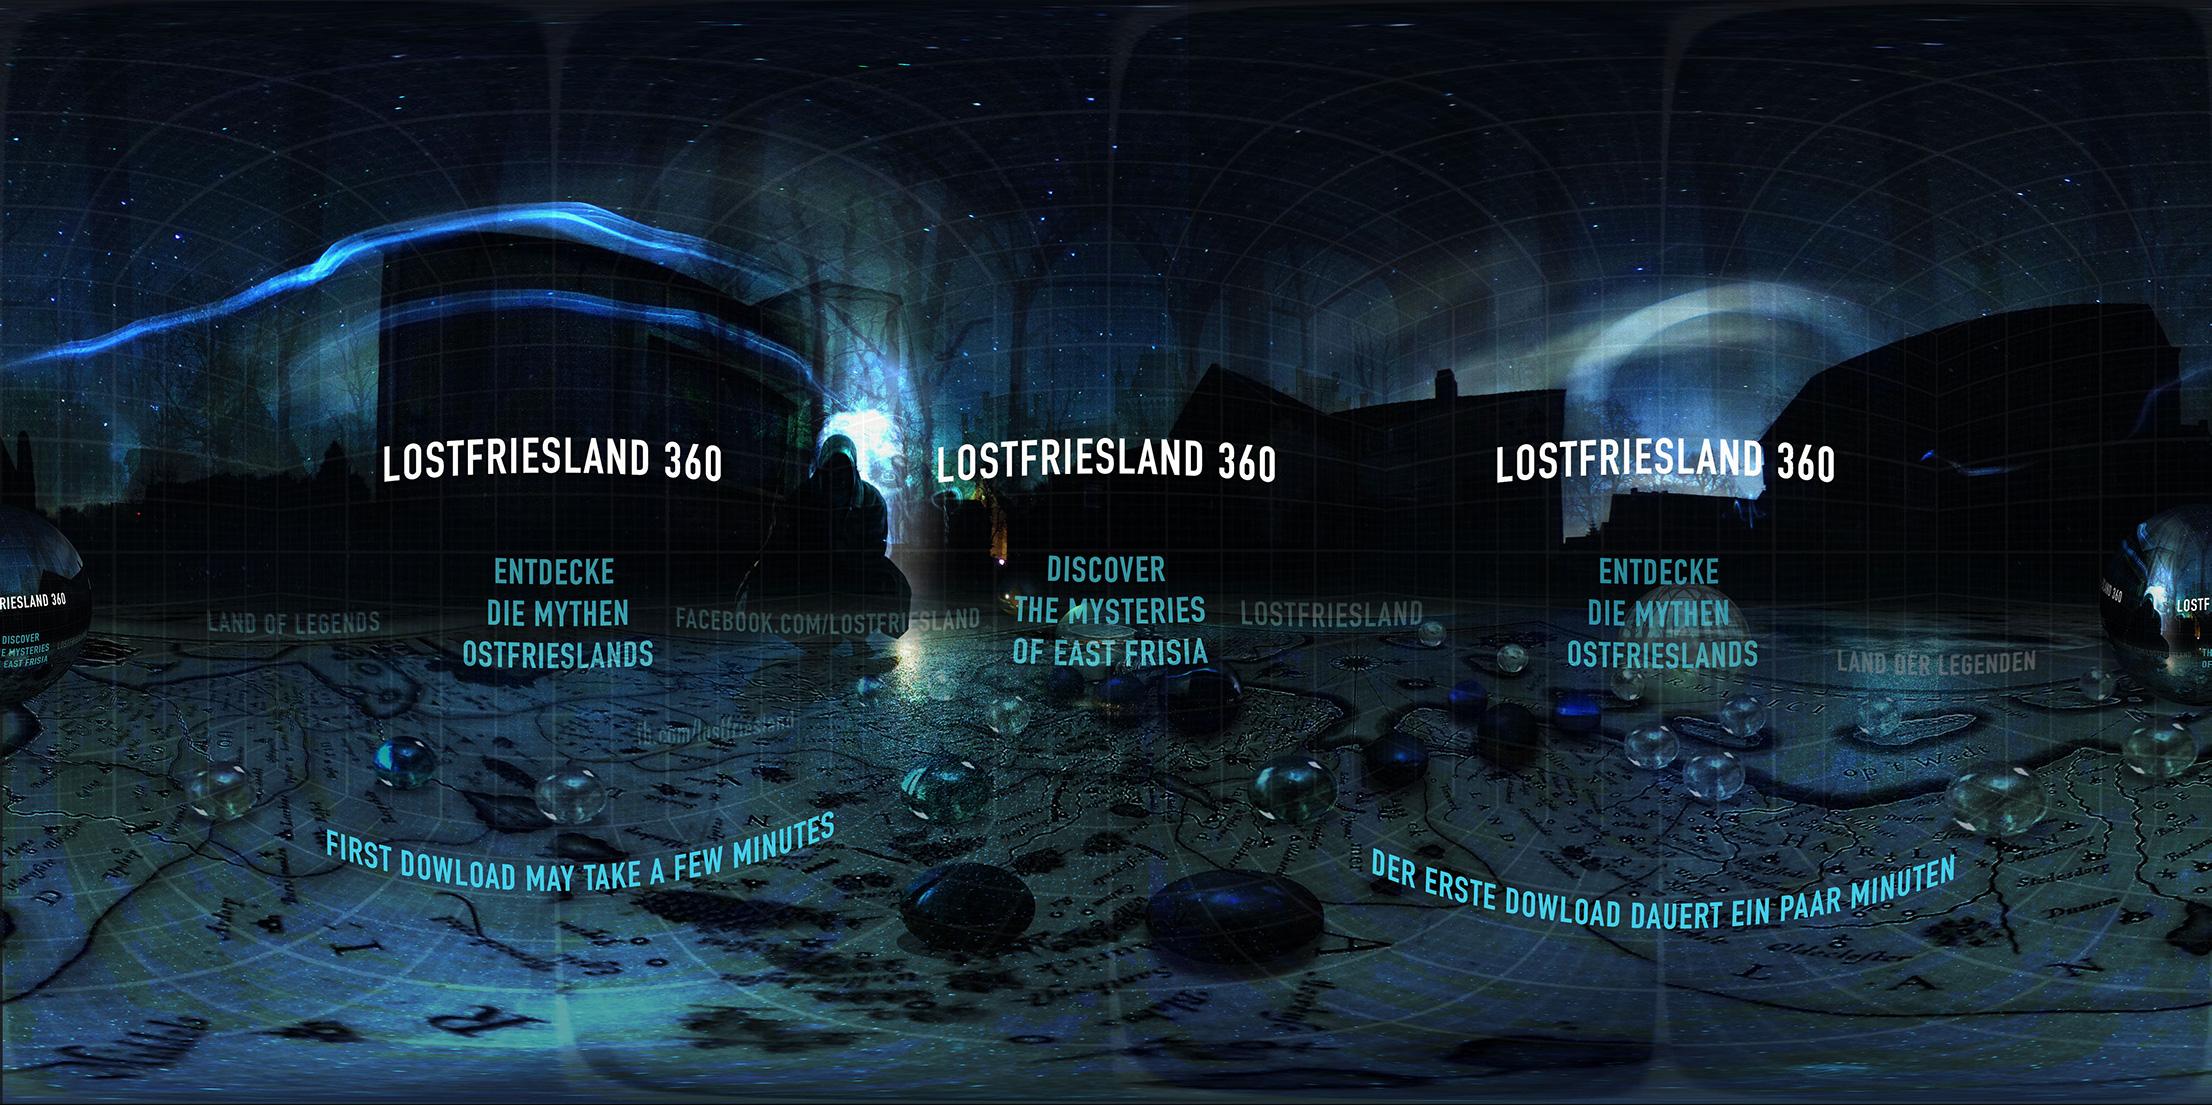 lostfriesland360A